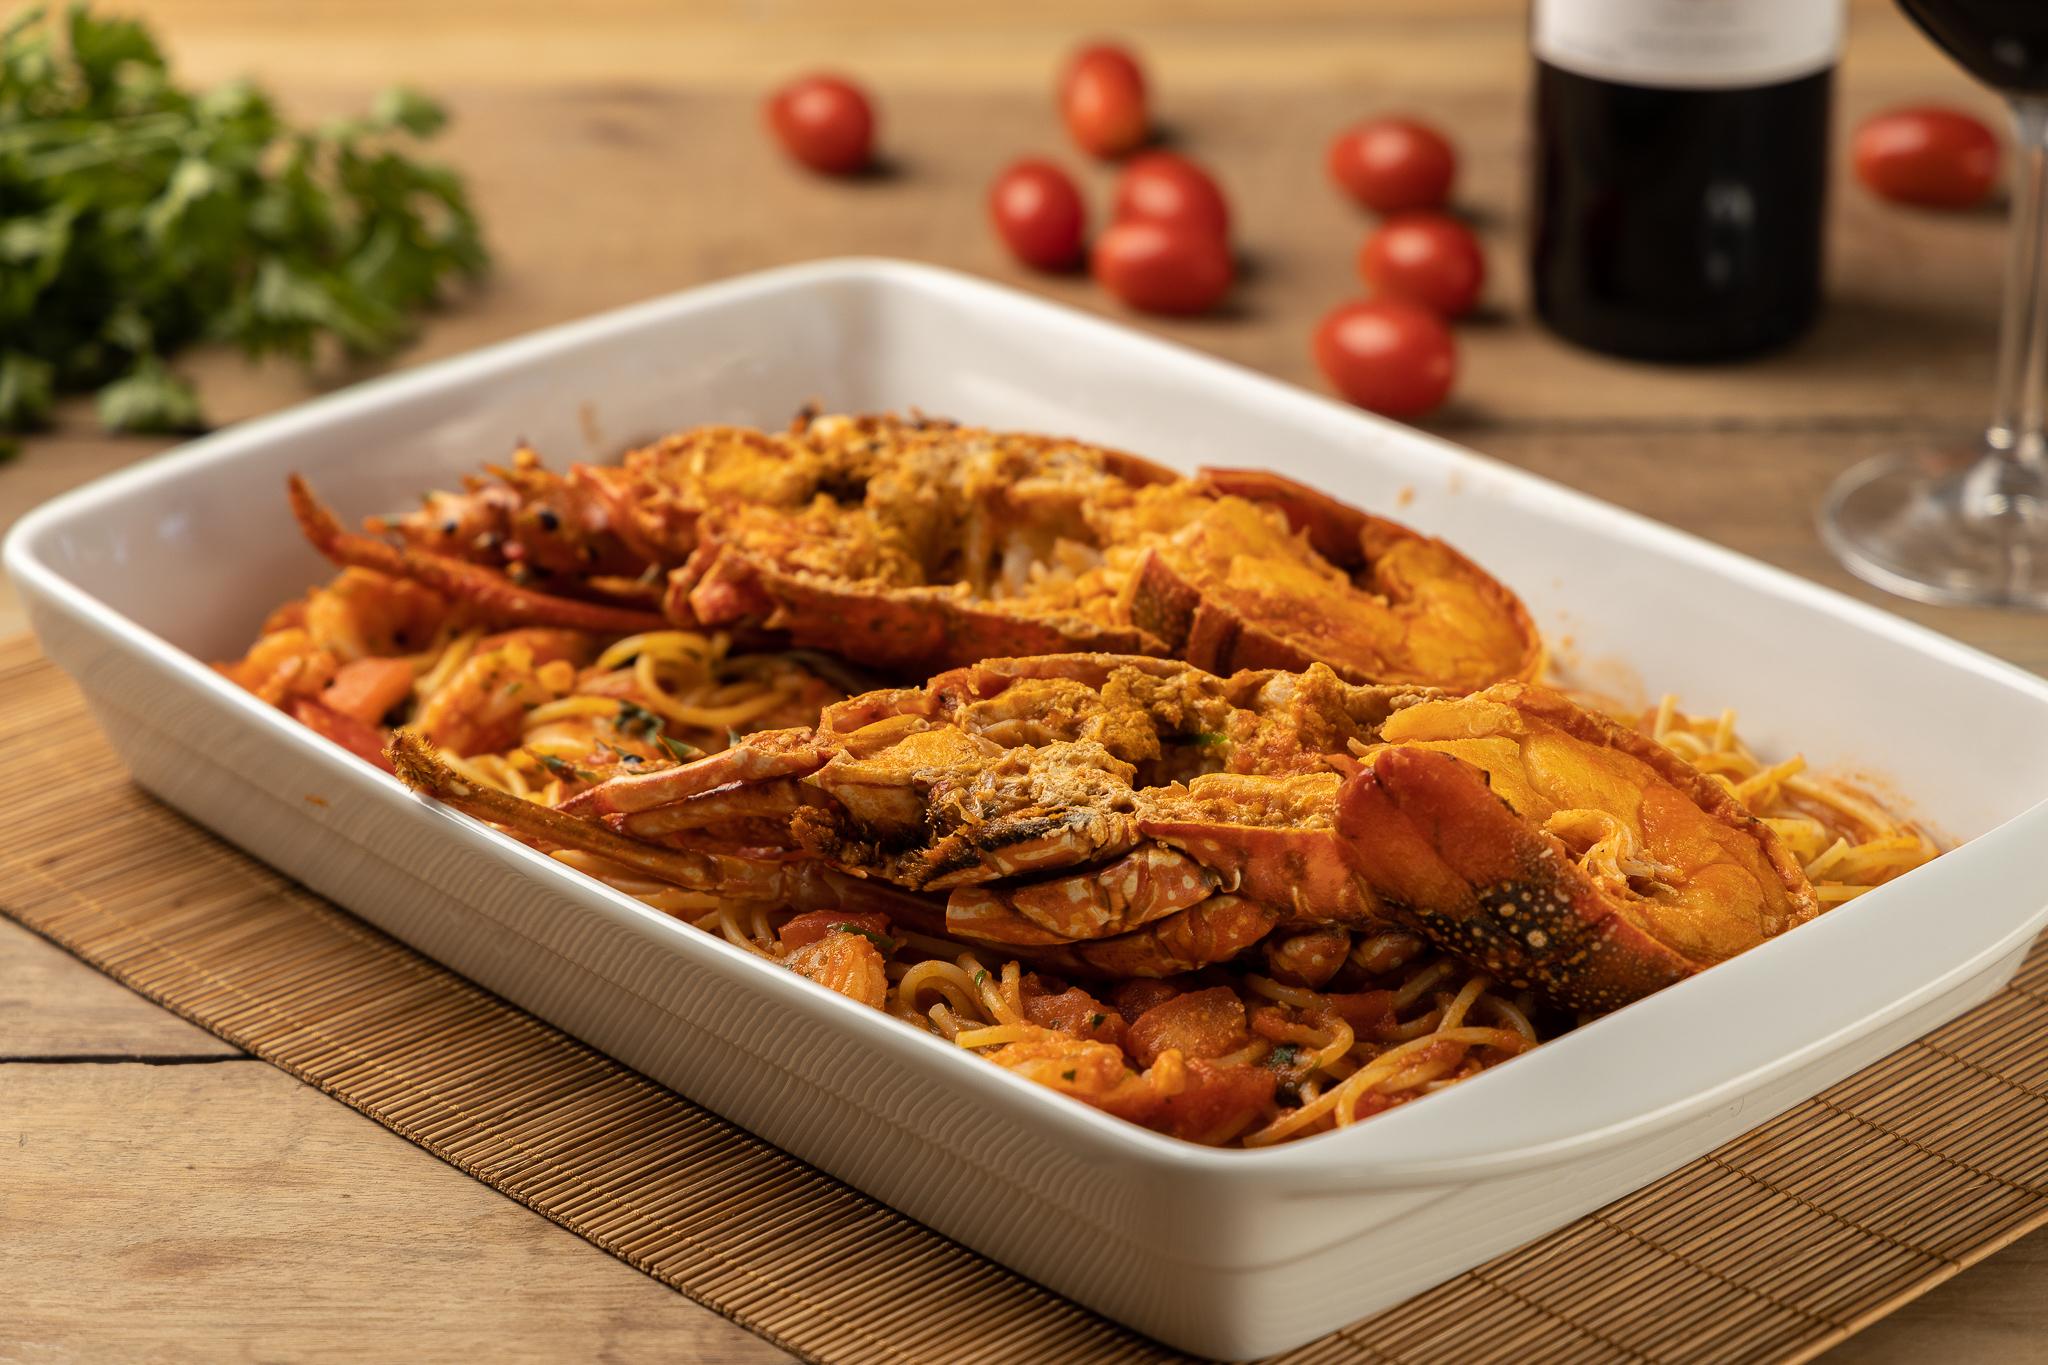 Spaghetti Pedra Lagosta Verão. Foto: Fernando Zequinão/Divulgação